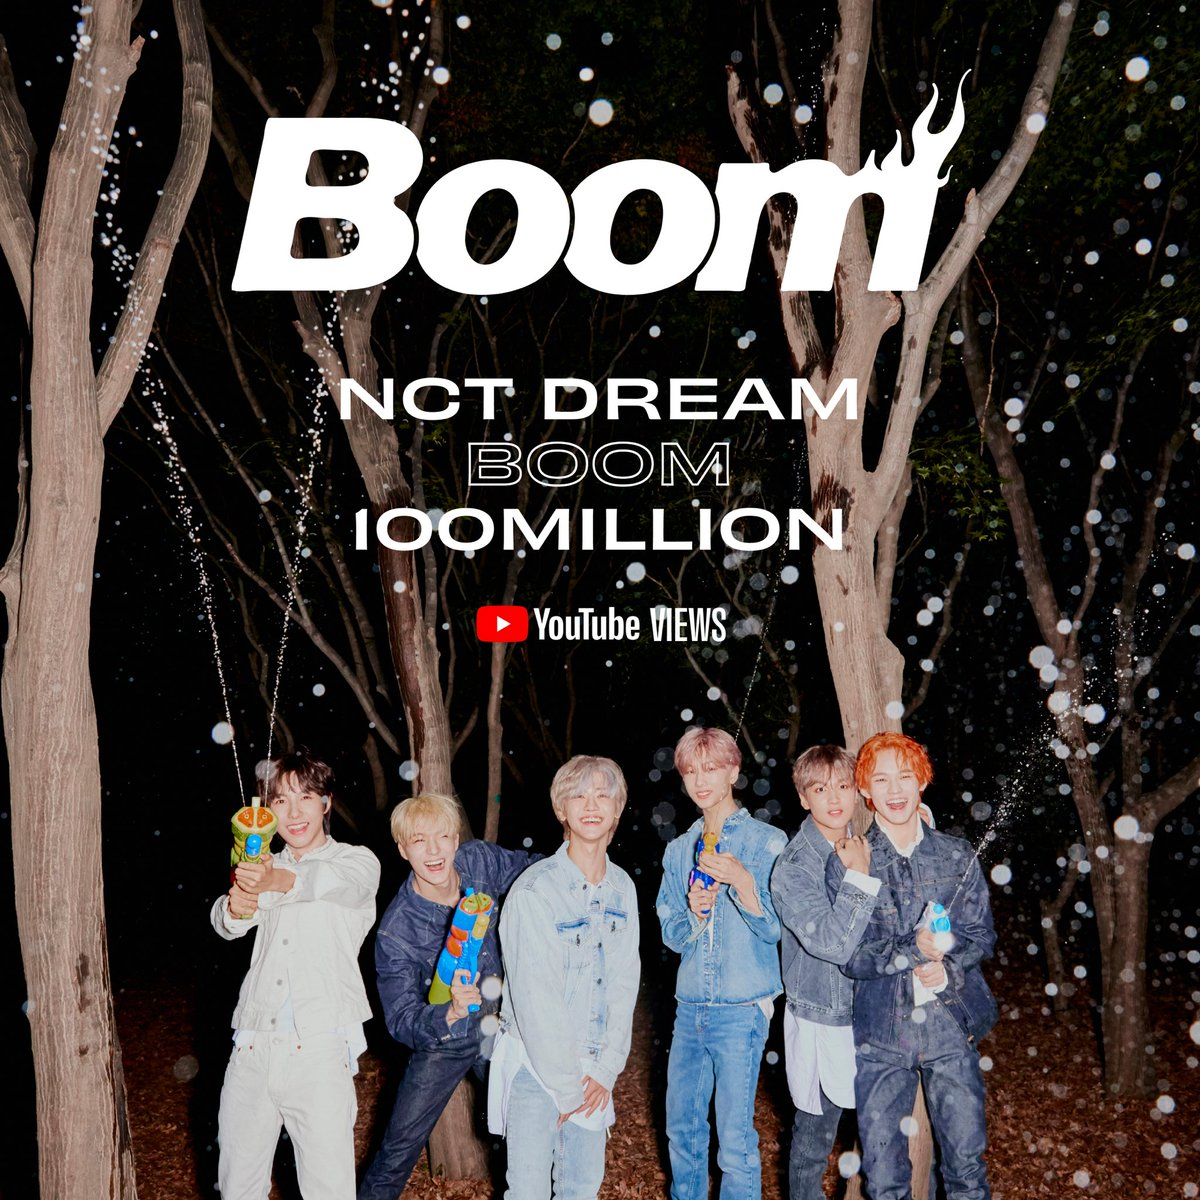 시즈니!! 안녕하세요 NCT DREAM입니다! 지금 저희 노래 BOOM이 1억뷰가 됐다는 믿기지 않는 소식을 들었는데 이거 현실 맞죠?ㅠㅠ😭😭  사실 2021년에 세운 목표 중 1억뷰 찍기가 있었는데 아직 2월도 안됐는데 벌써 목표를 한 개 이루었네요...  #NCTDREAM #BOOM #We_Boom #NCTDREAM_BOOM #BOOM_100M